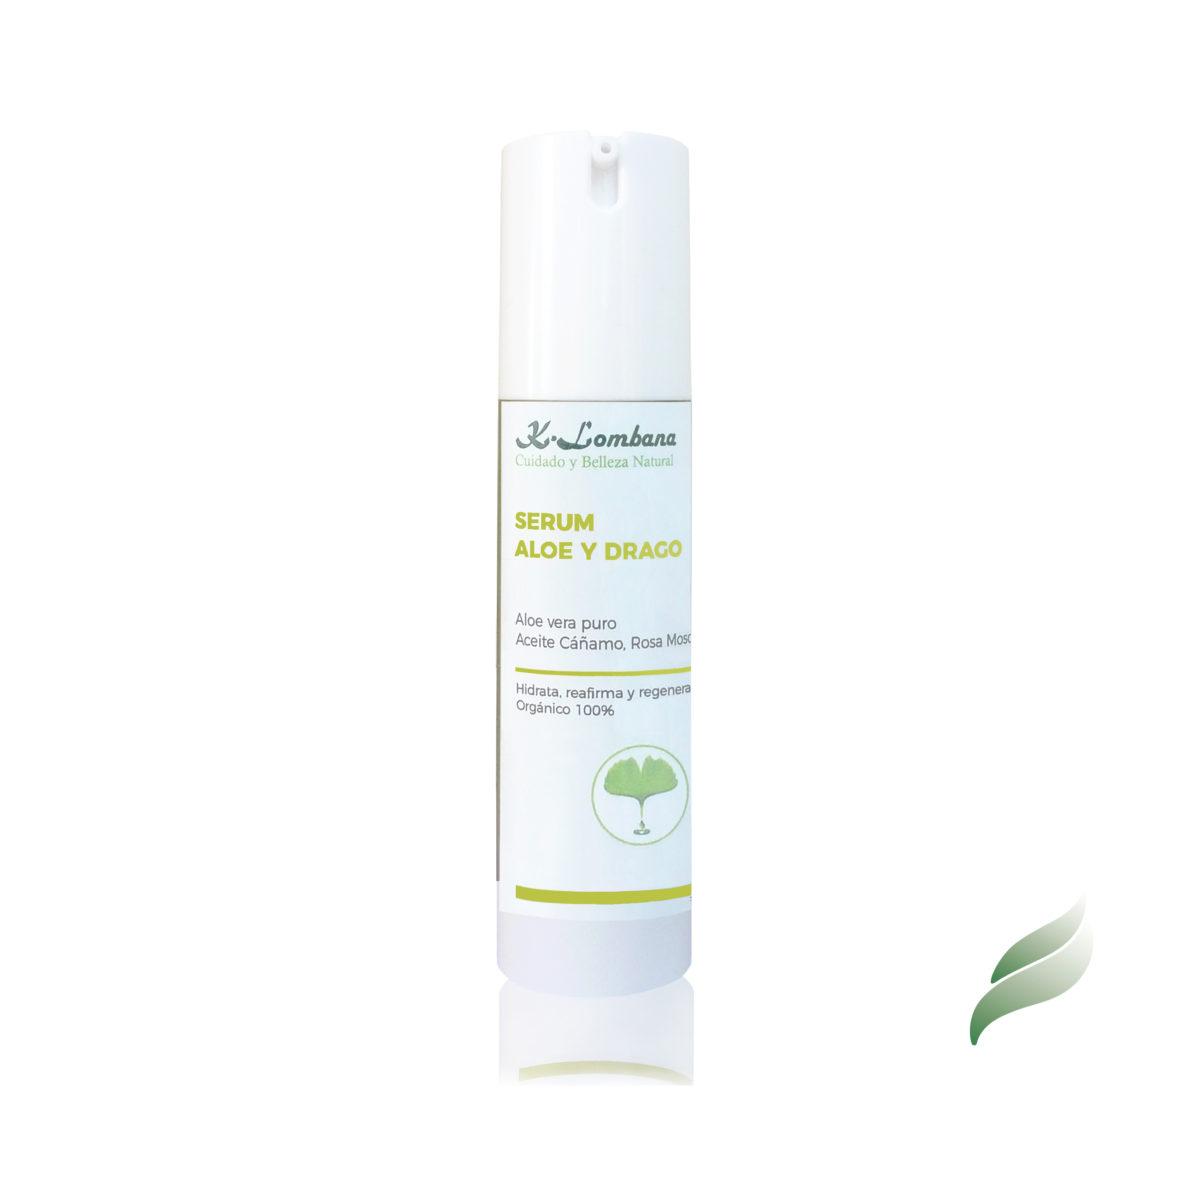 serum-aloe y drago. Muy hidratante, regenerador celular, reafirmante y antiarrugas. 25% Aloe vera gel puro